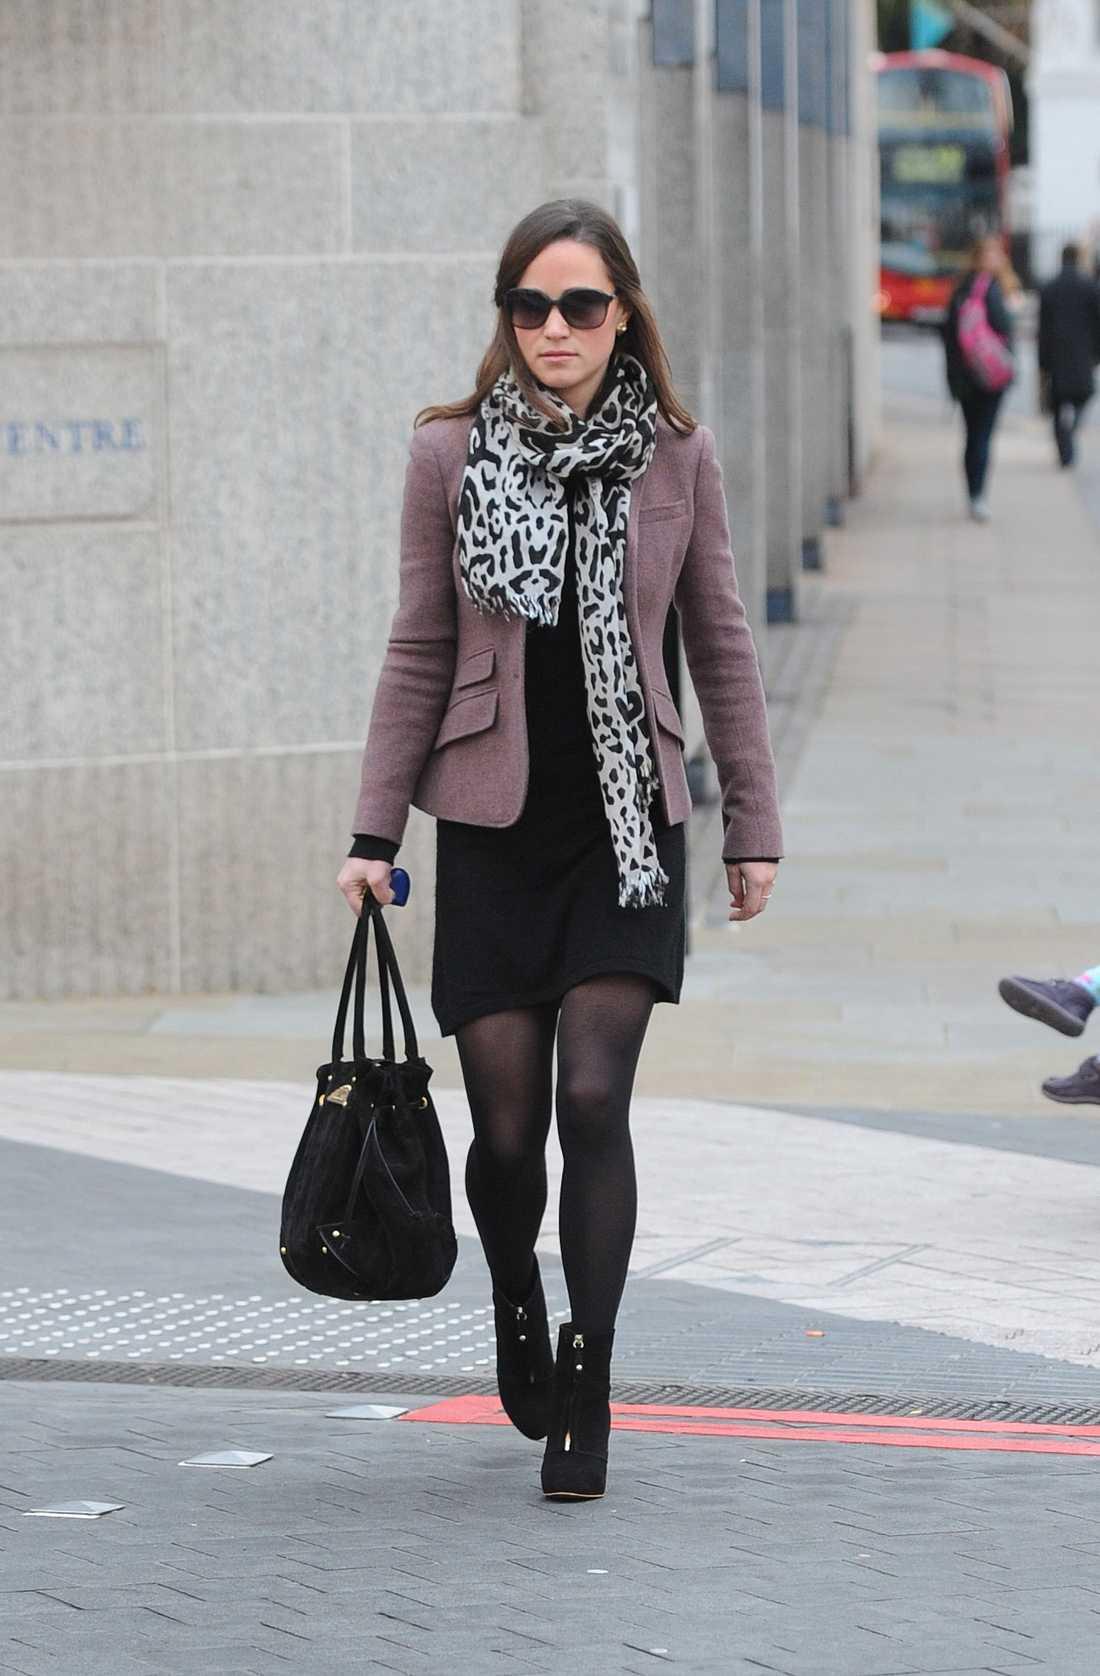 Pippa Middleton matchade svart med en figursydd ljuslila blazer och en scarf med djurtryck, här på väg till jobbet.